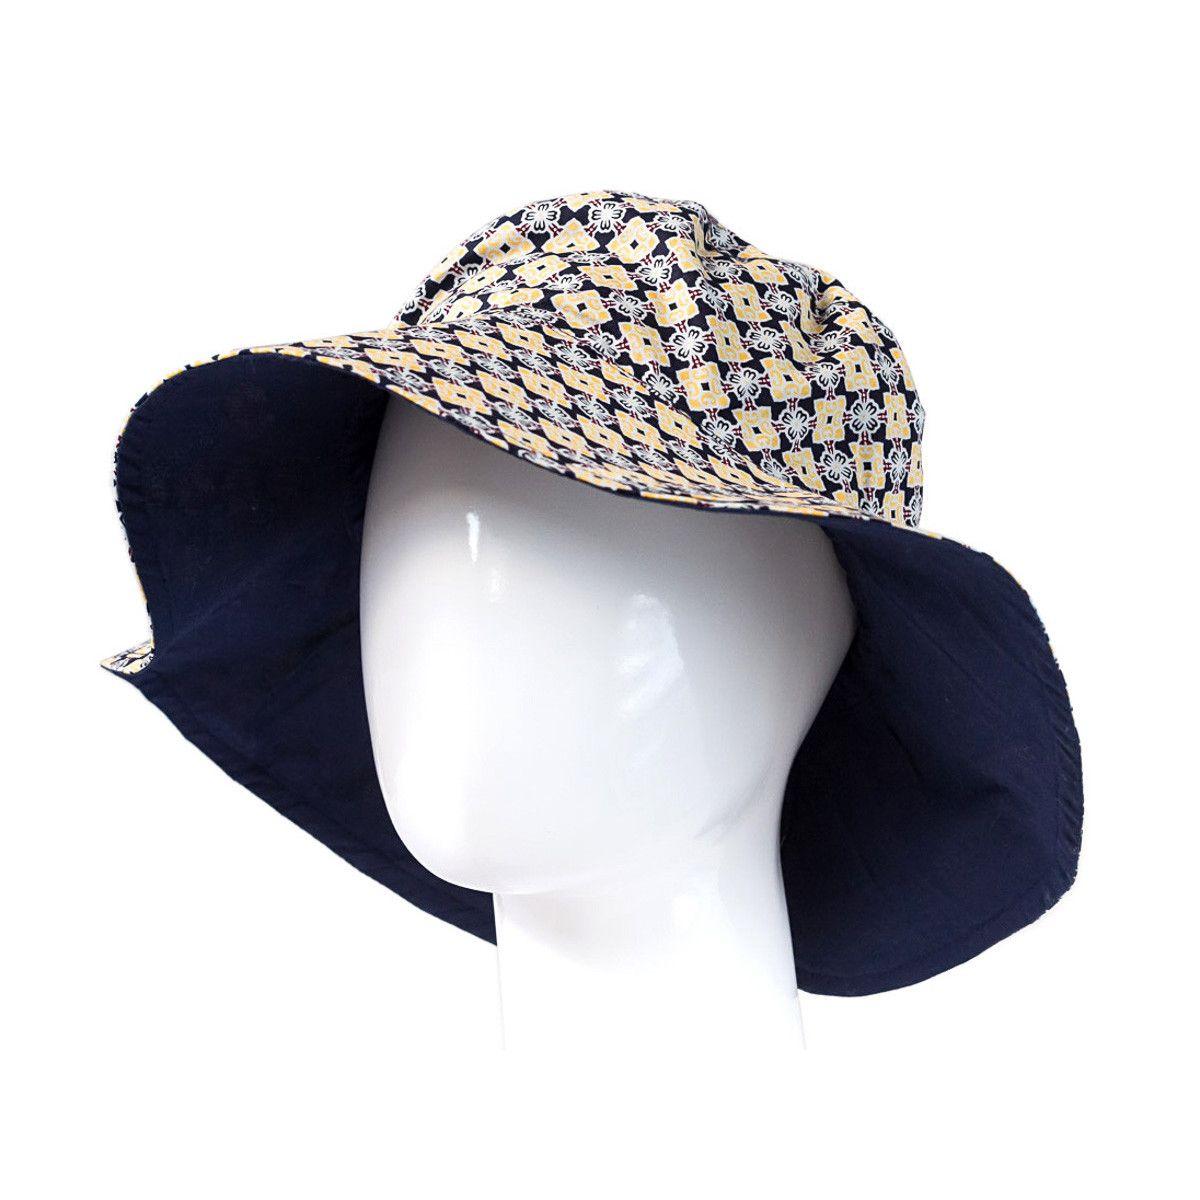 Chapeau capeline coton adulte réversible bleu marine et jaune